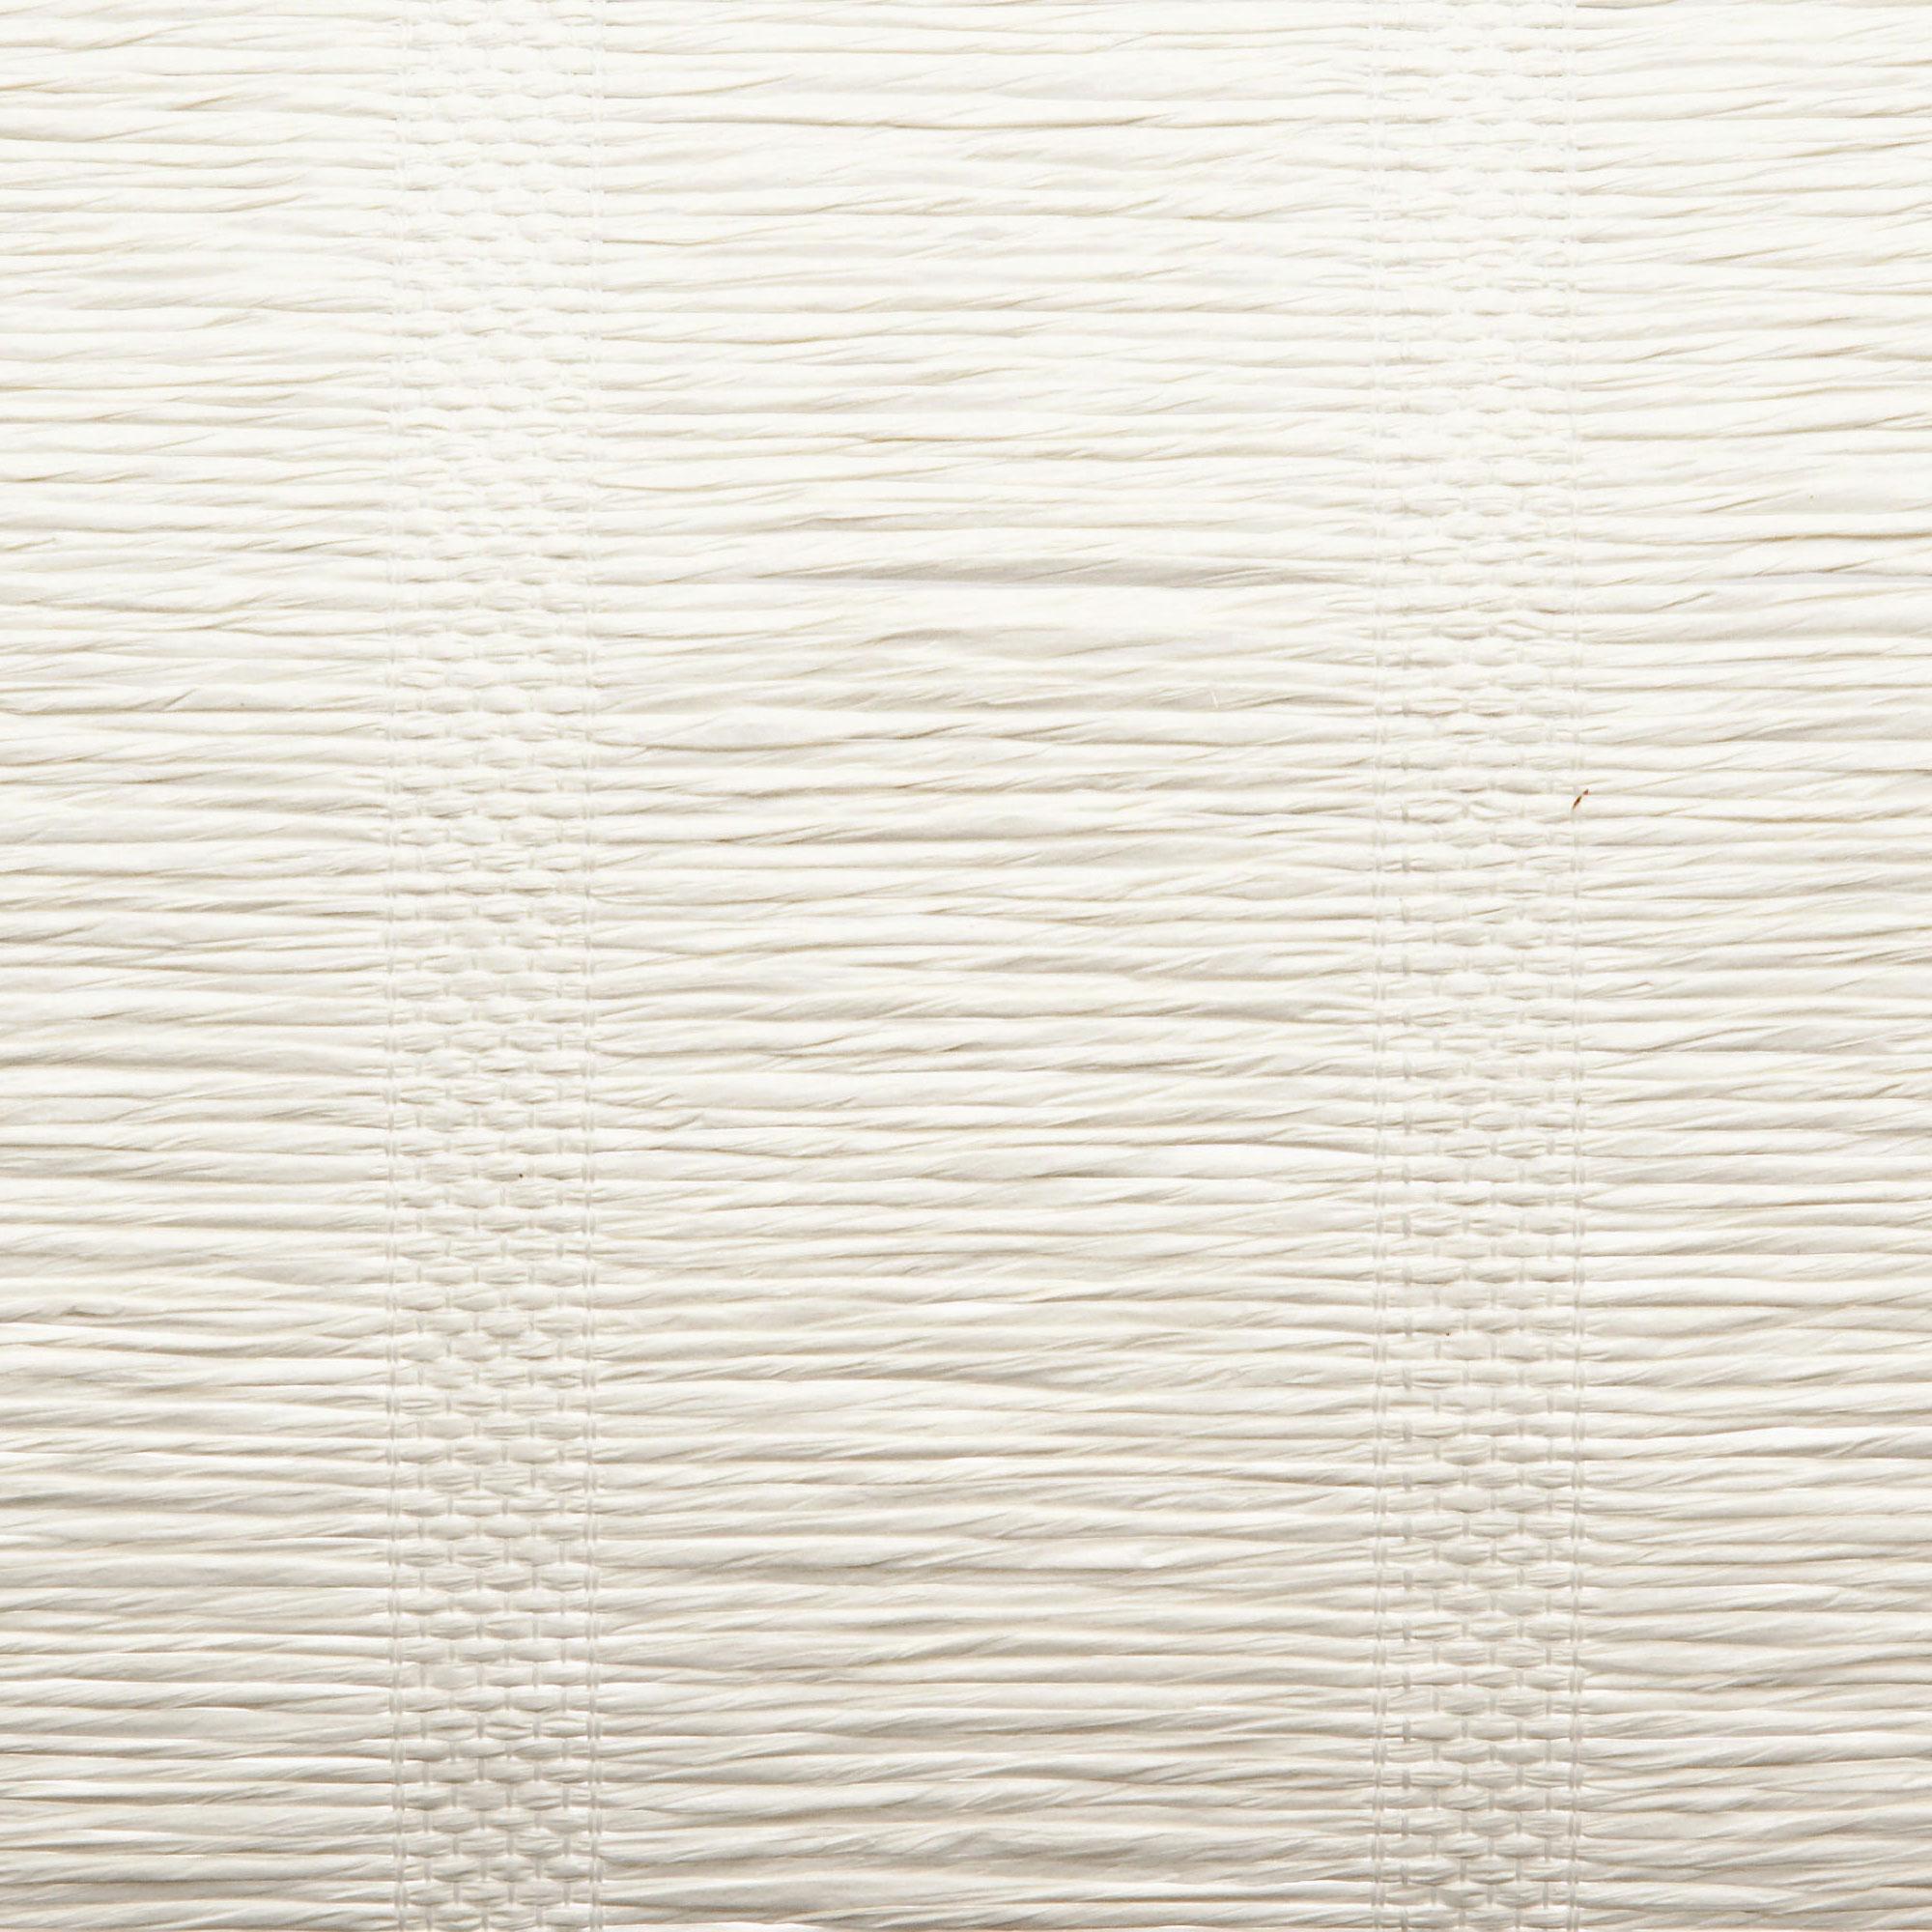 swatch-PW94w-cotton-web.jpg